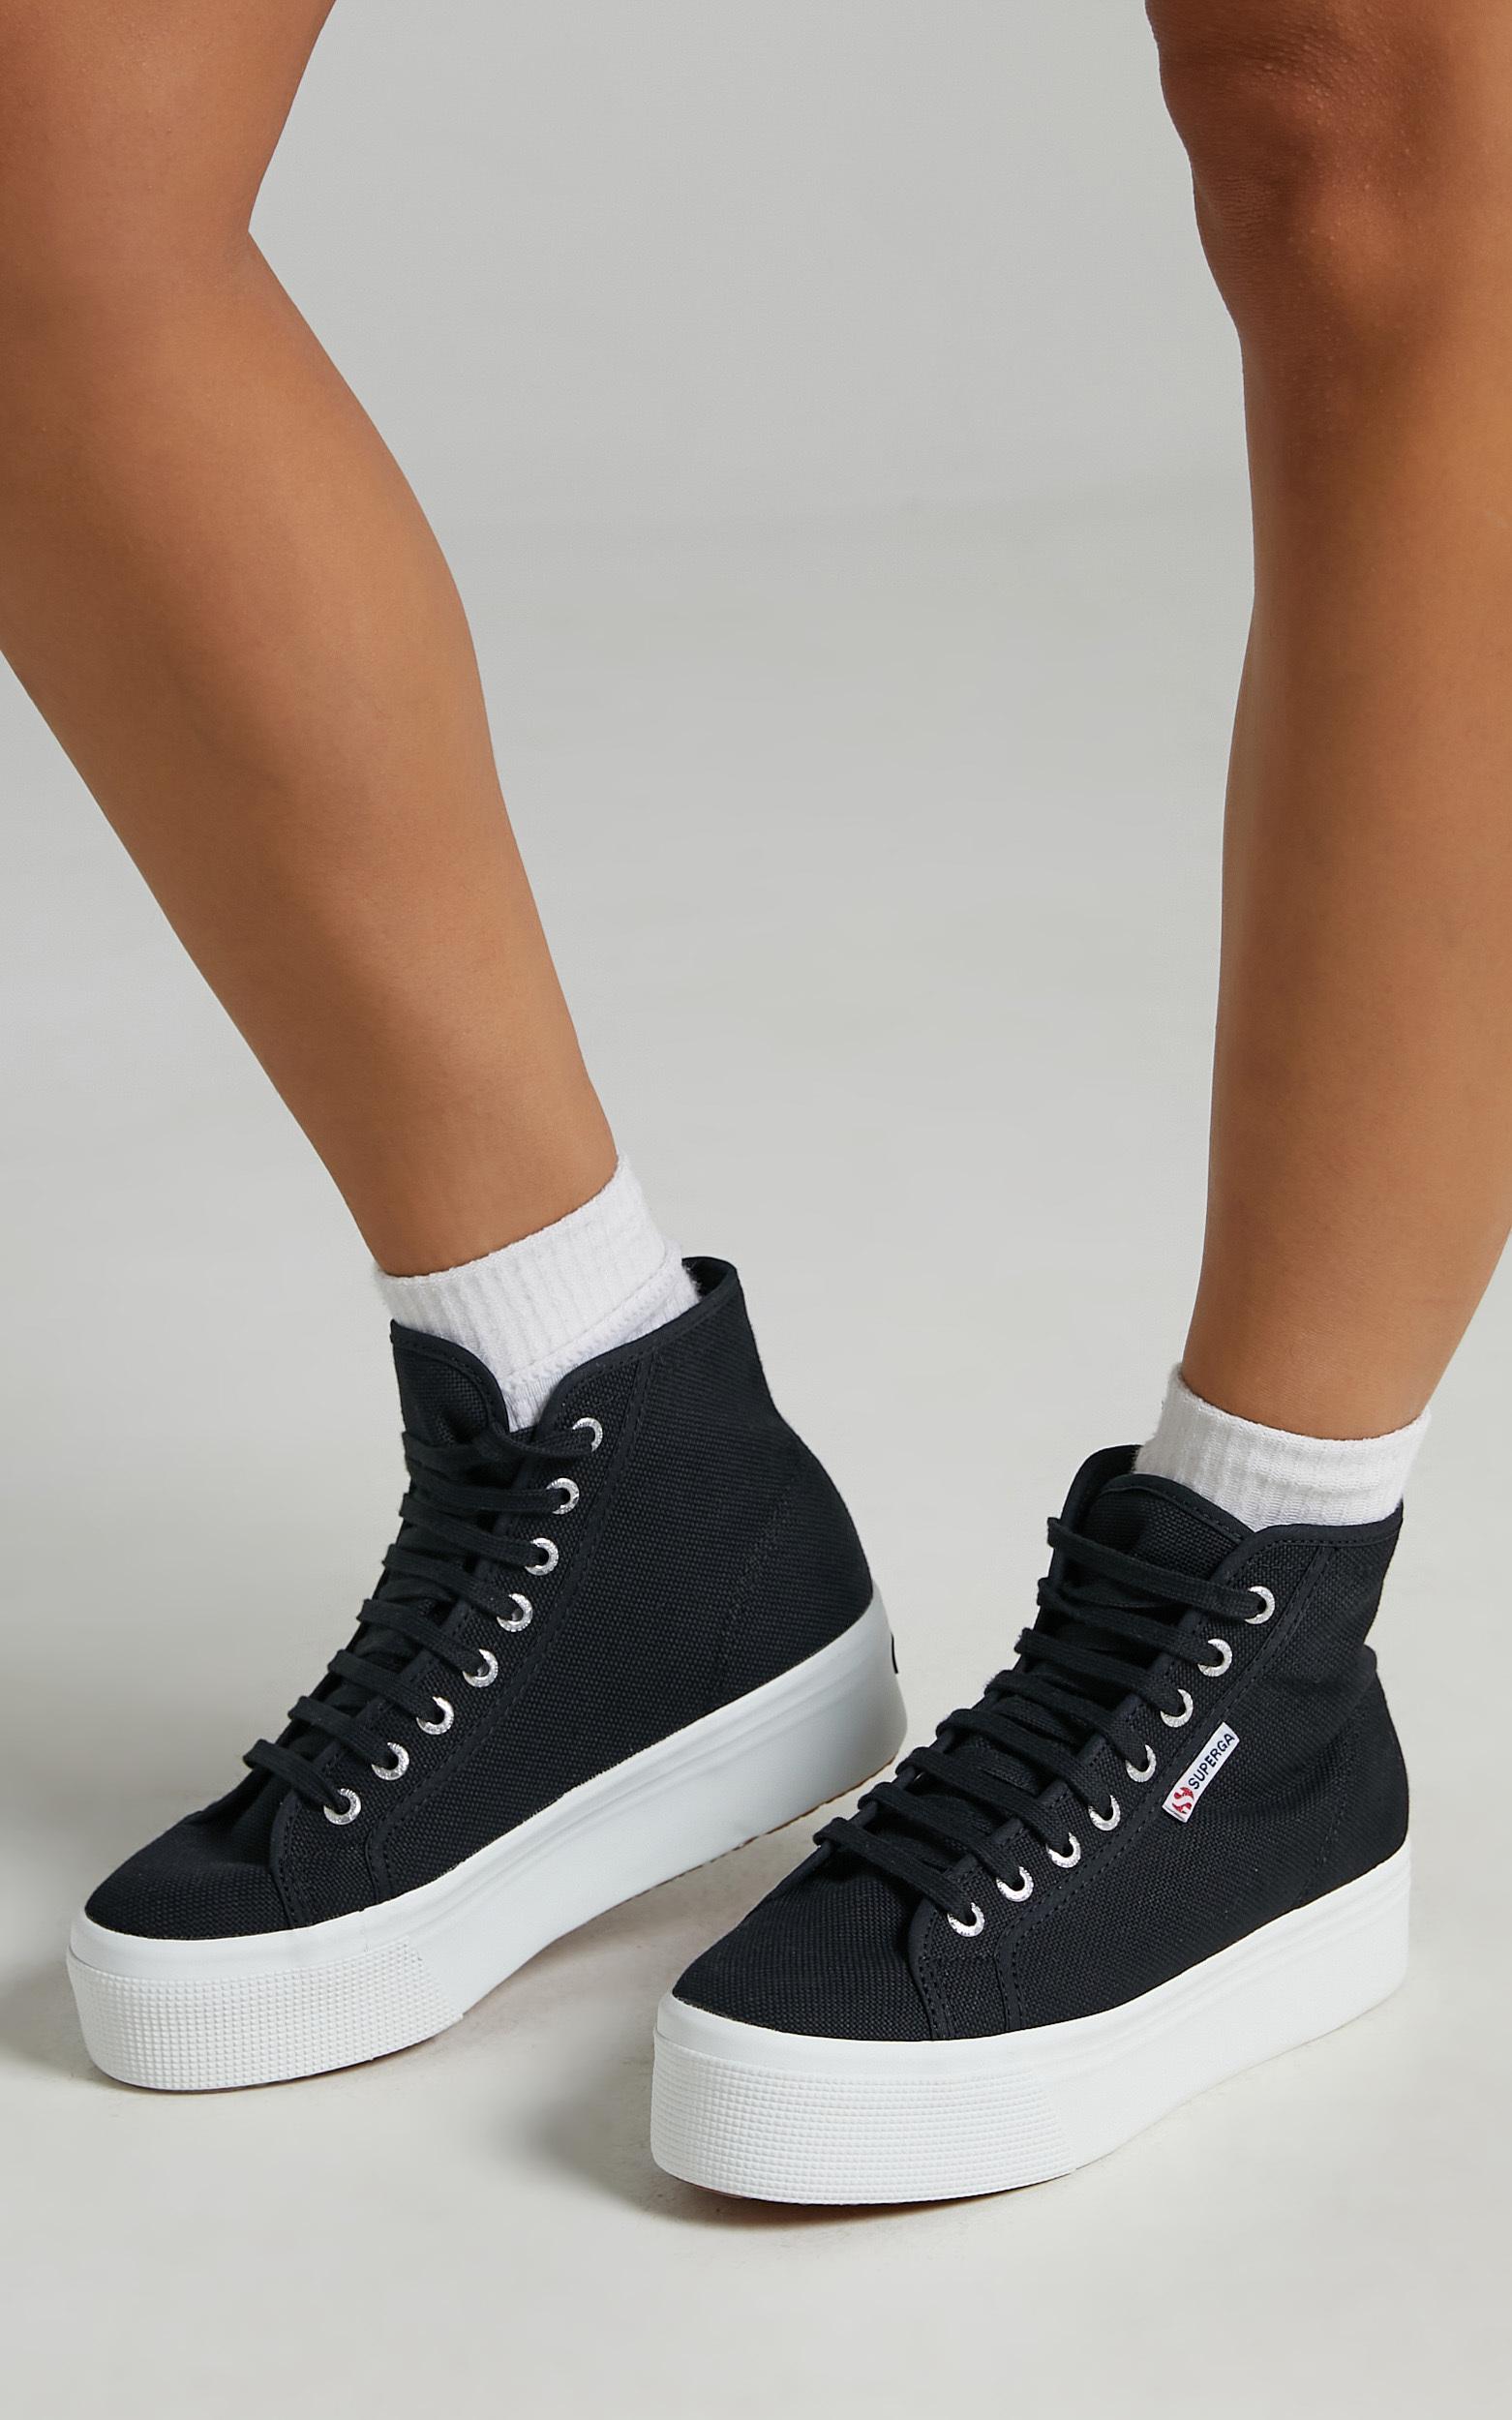 Superga - 2705 Hi Top Sneakers in F83 Black - 05, BLK1, hi-res image number null